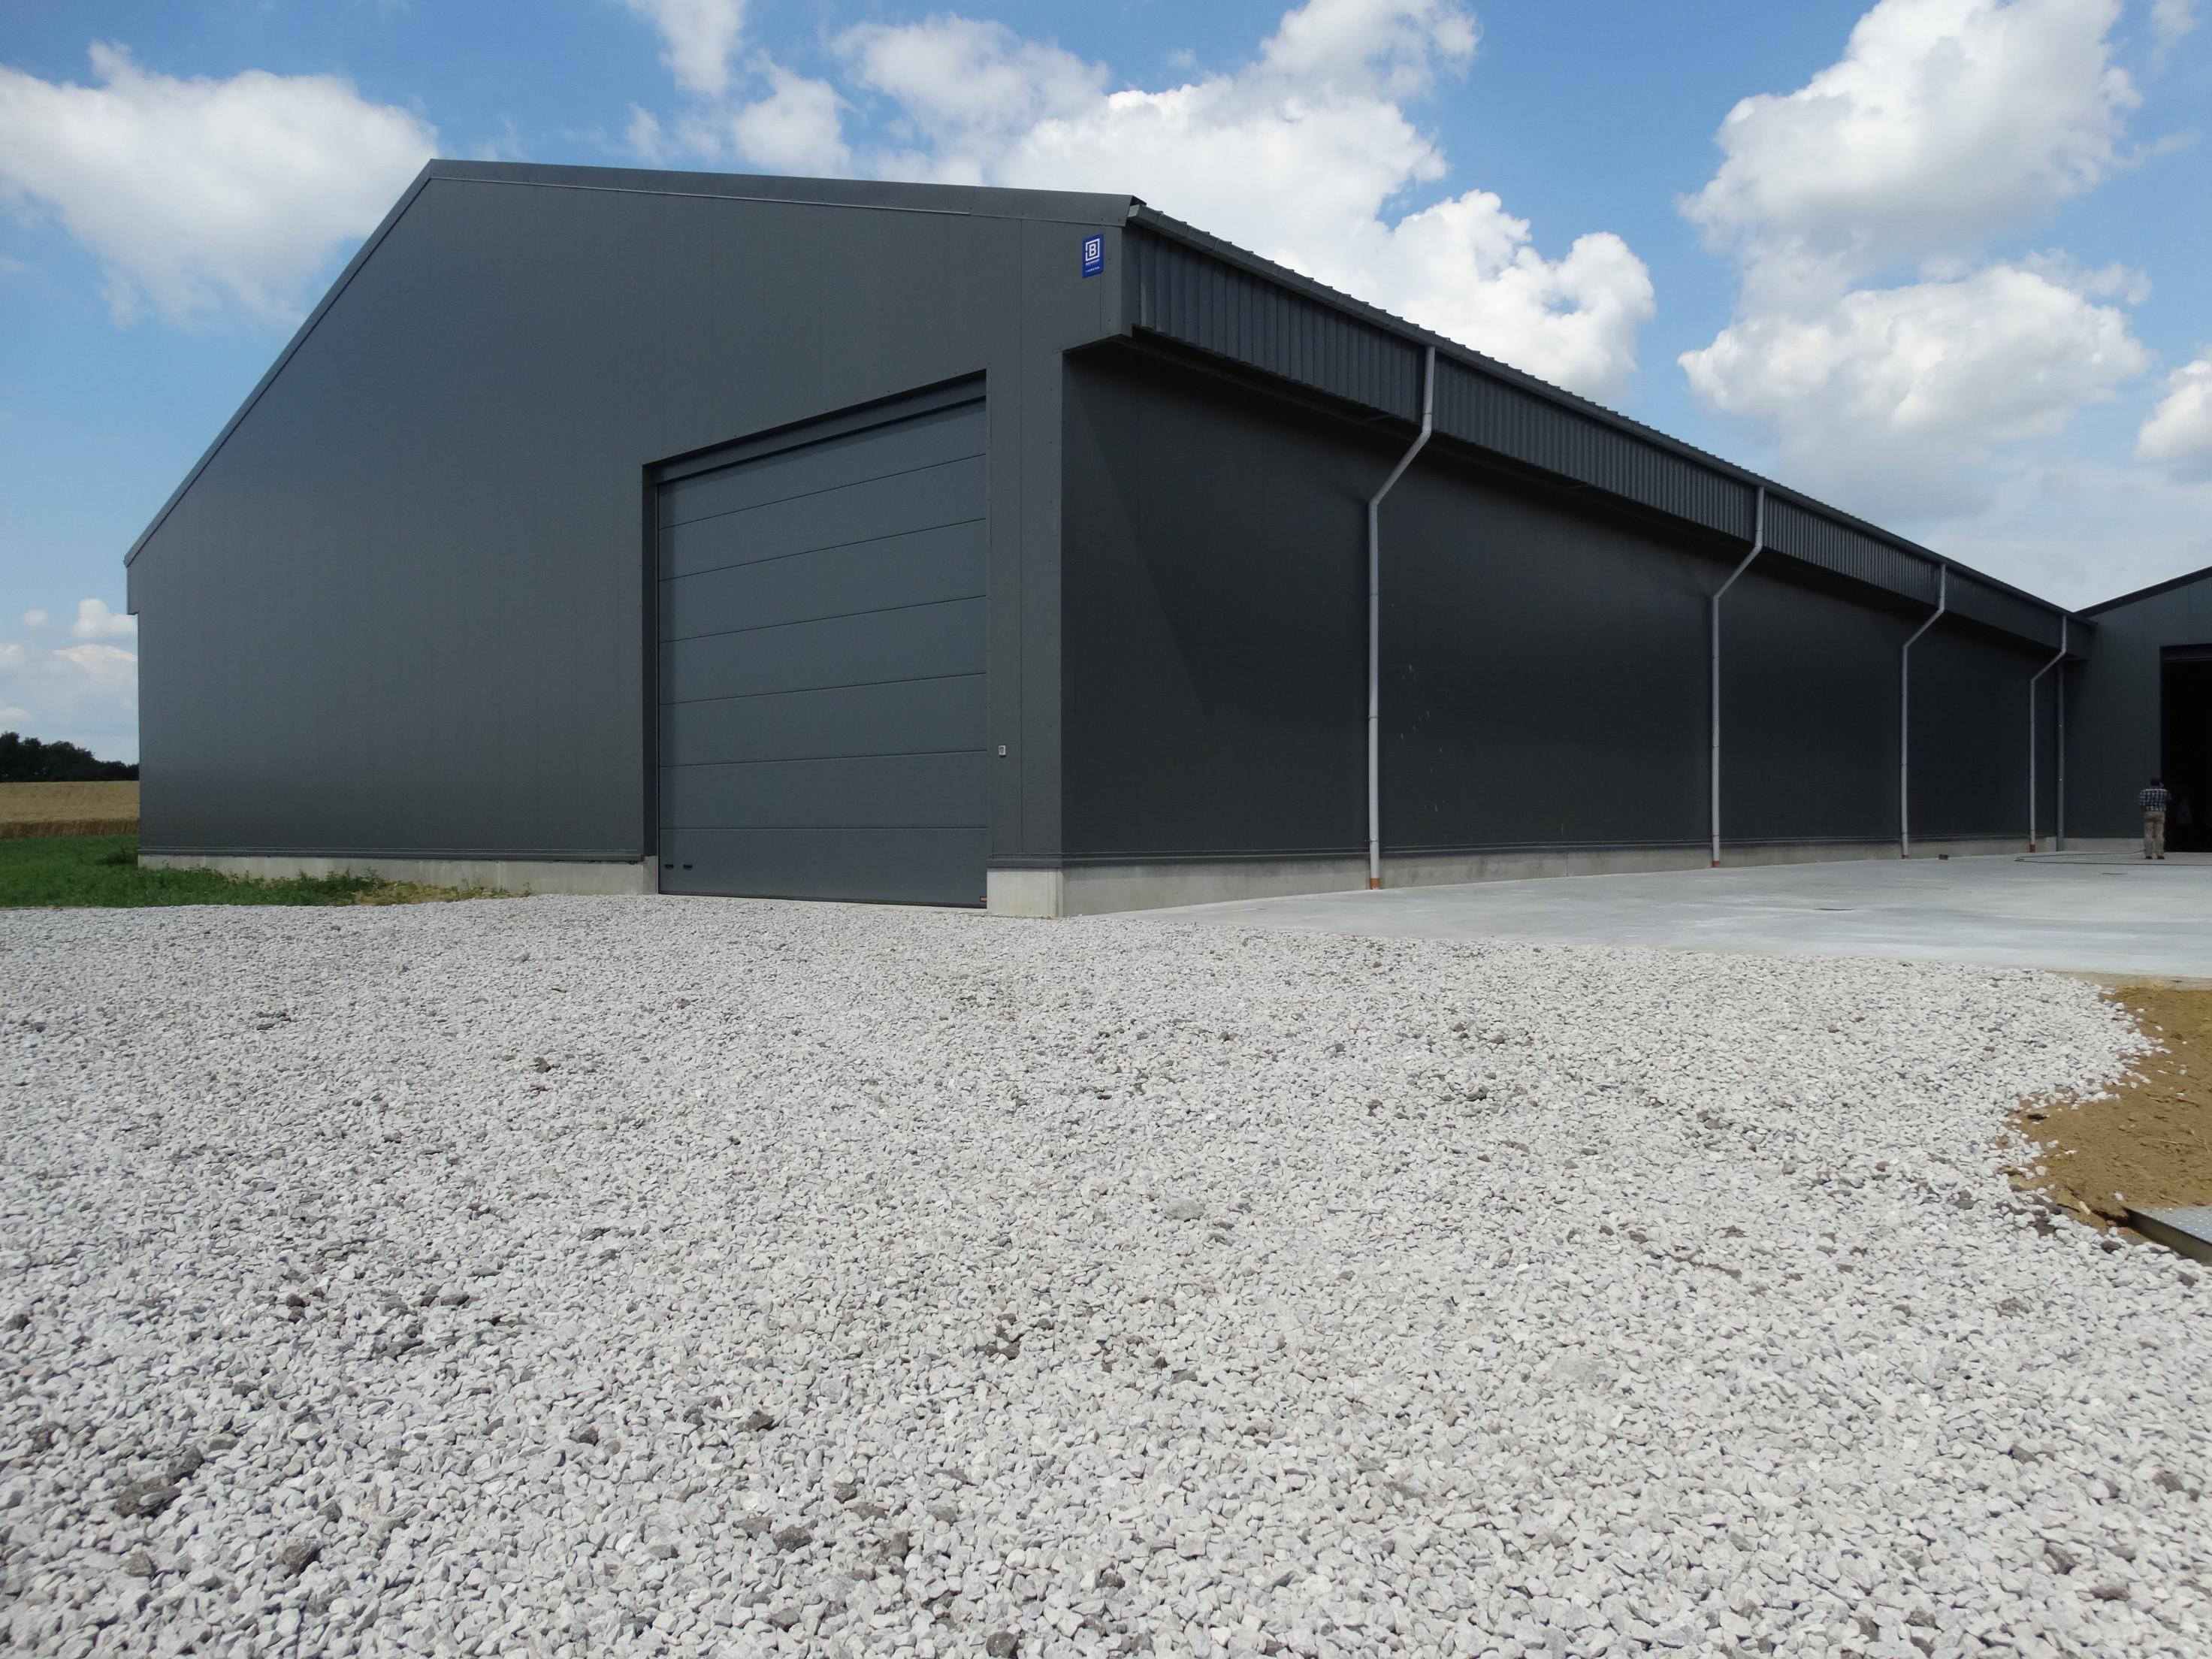 lefevre-Rosseignies-aardappelloods_hangar stockage pommes de terre (24).JPG